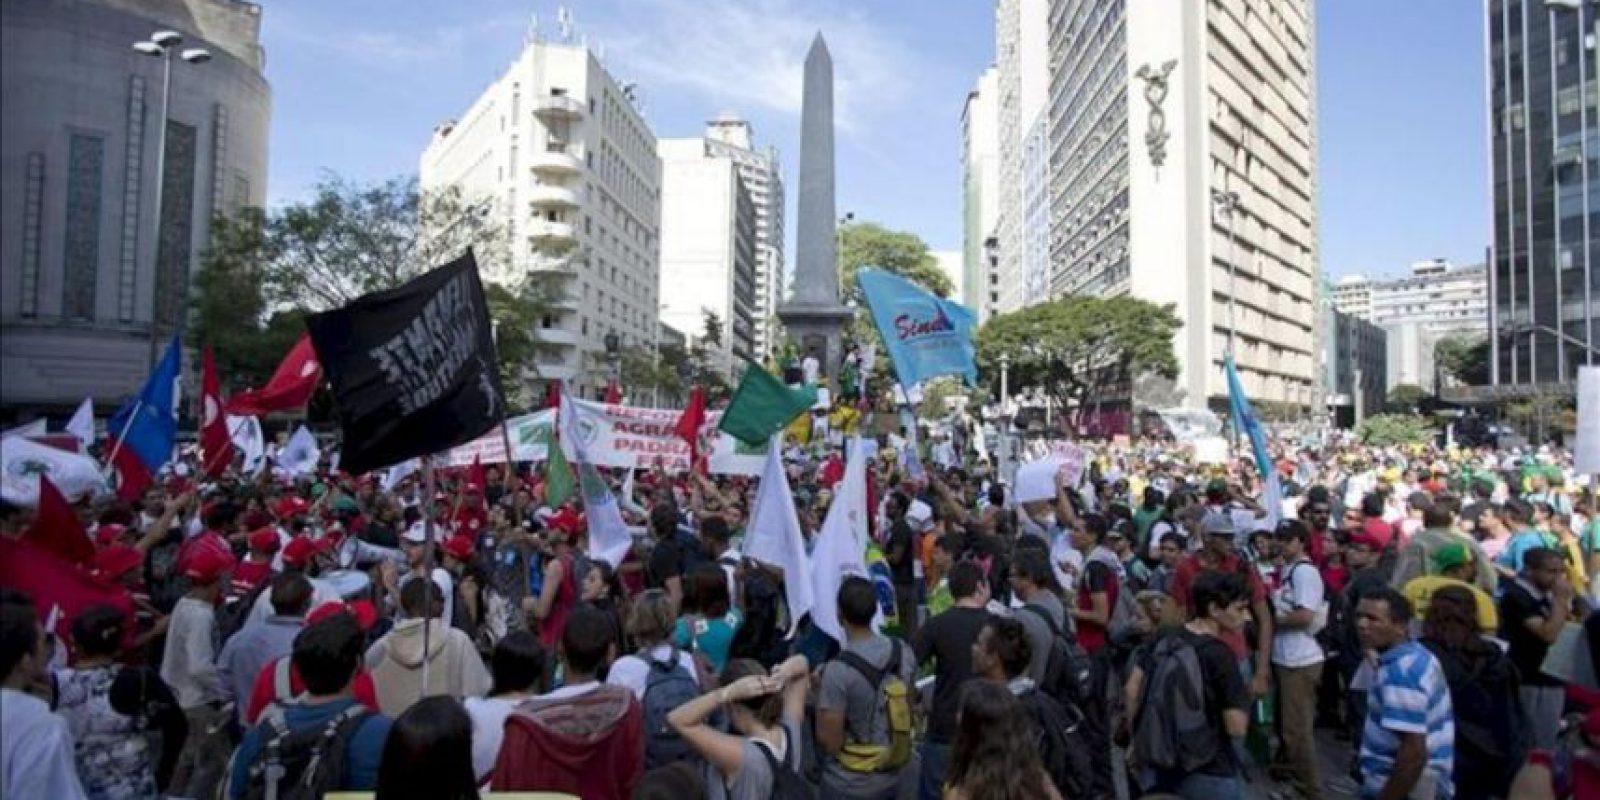 Manifestantes se reúnen hoy, miércoles 26 de junio de 2013, en la Plaza Sete, en el centro de Belo Horizonte (Brasil). EFE